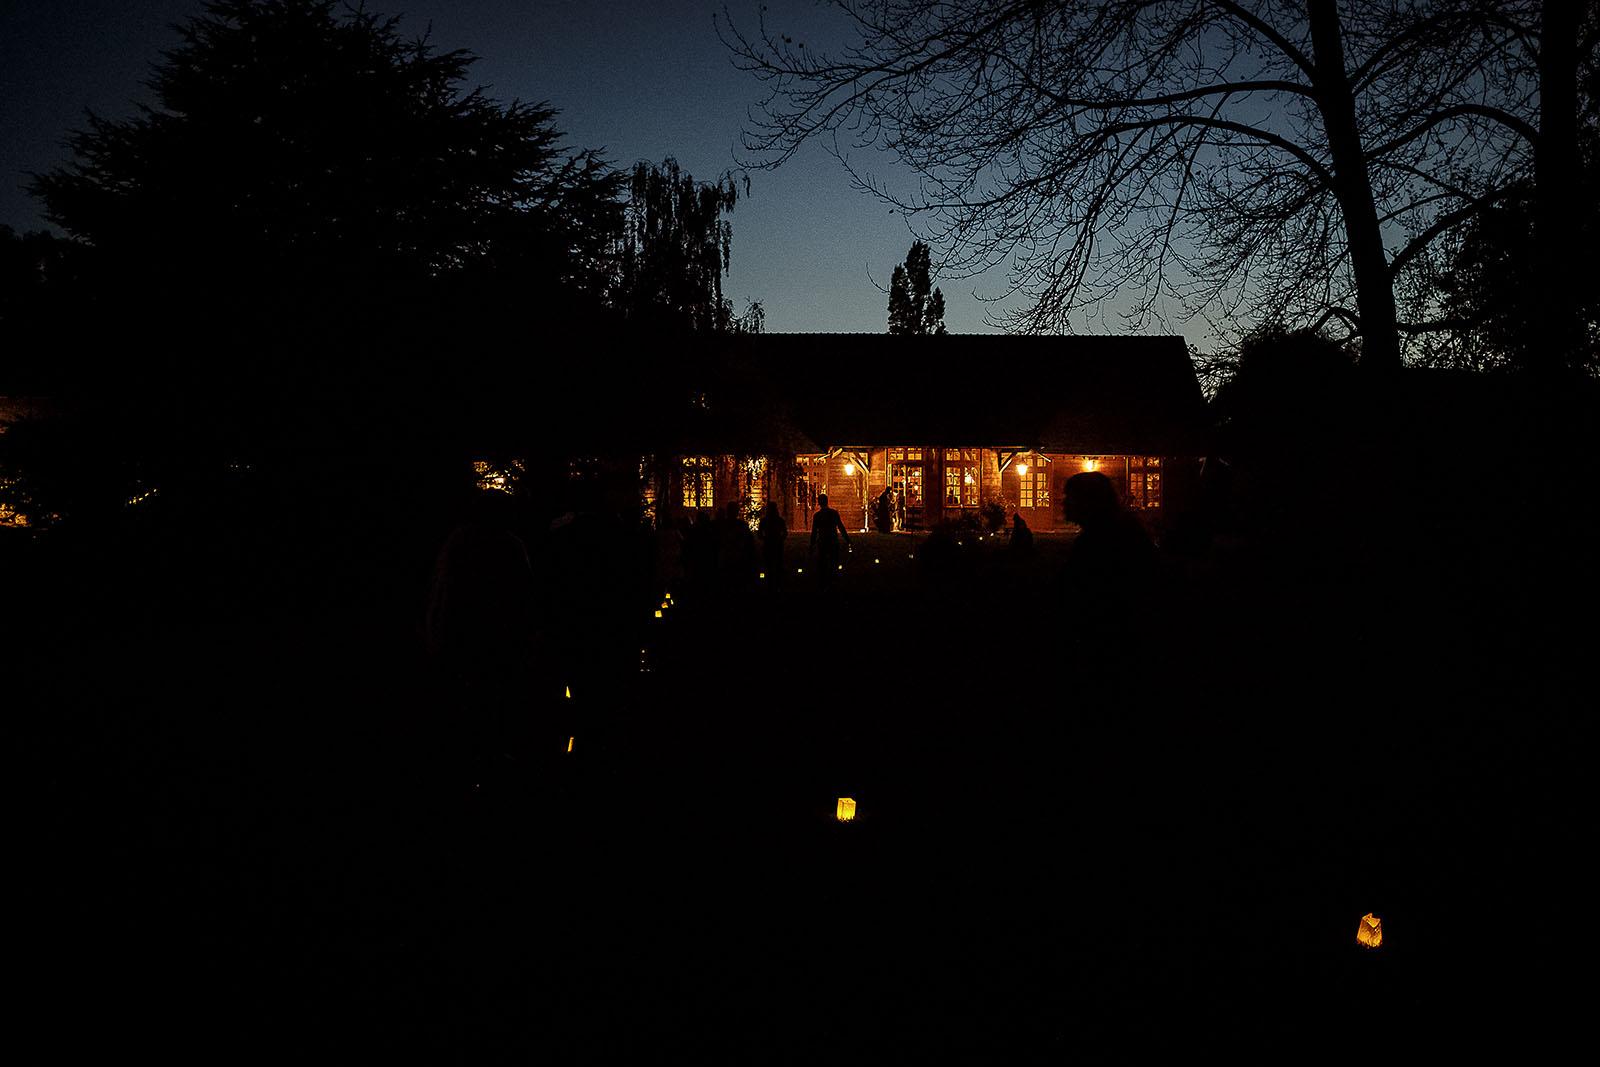 Mariage Manoir des Prévanches. David Pommier photographe de mariage. De nuit